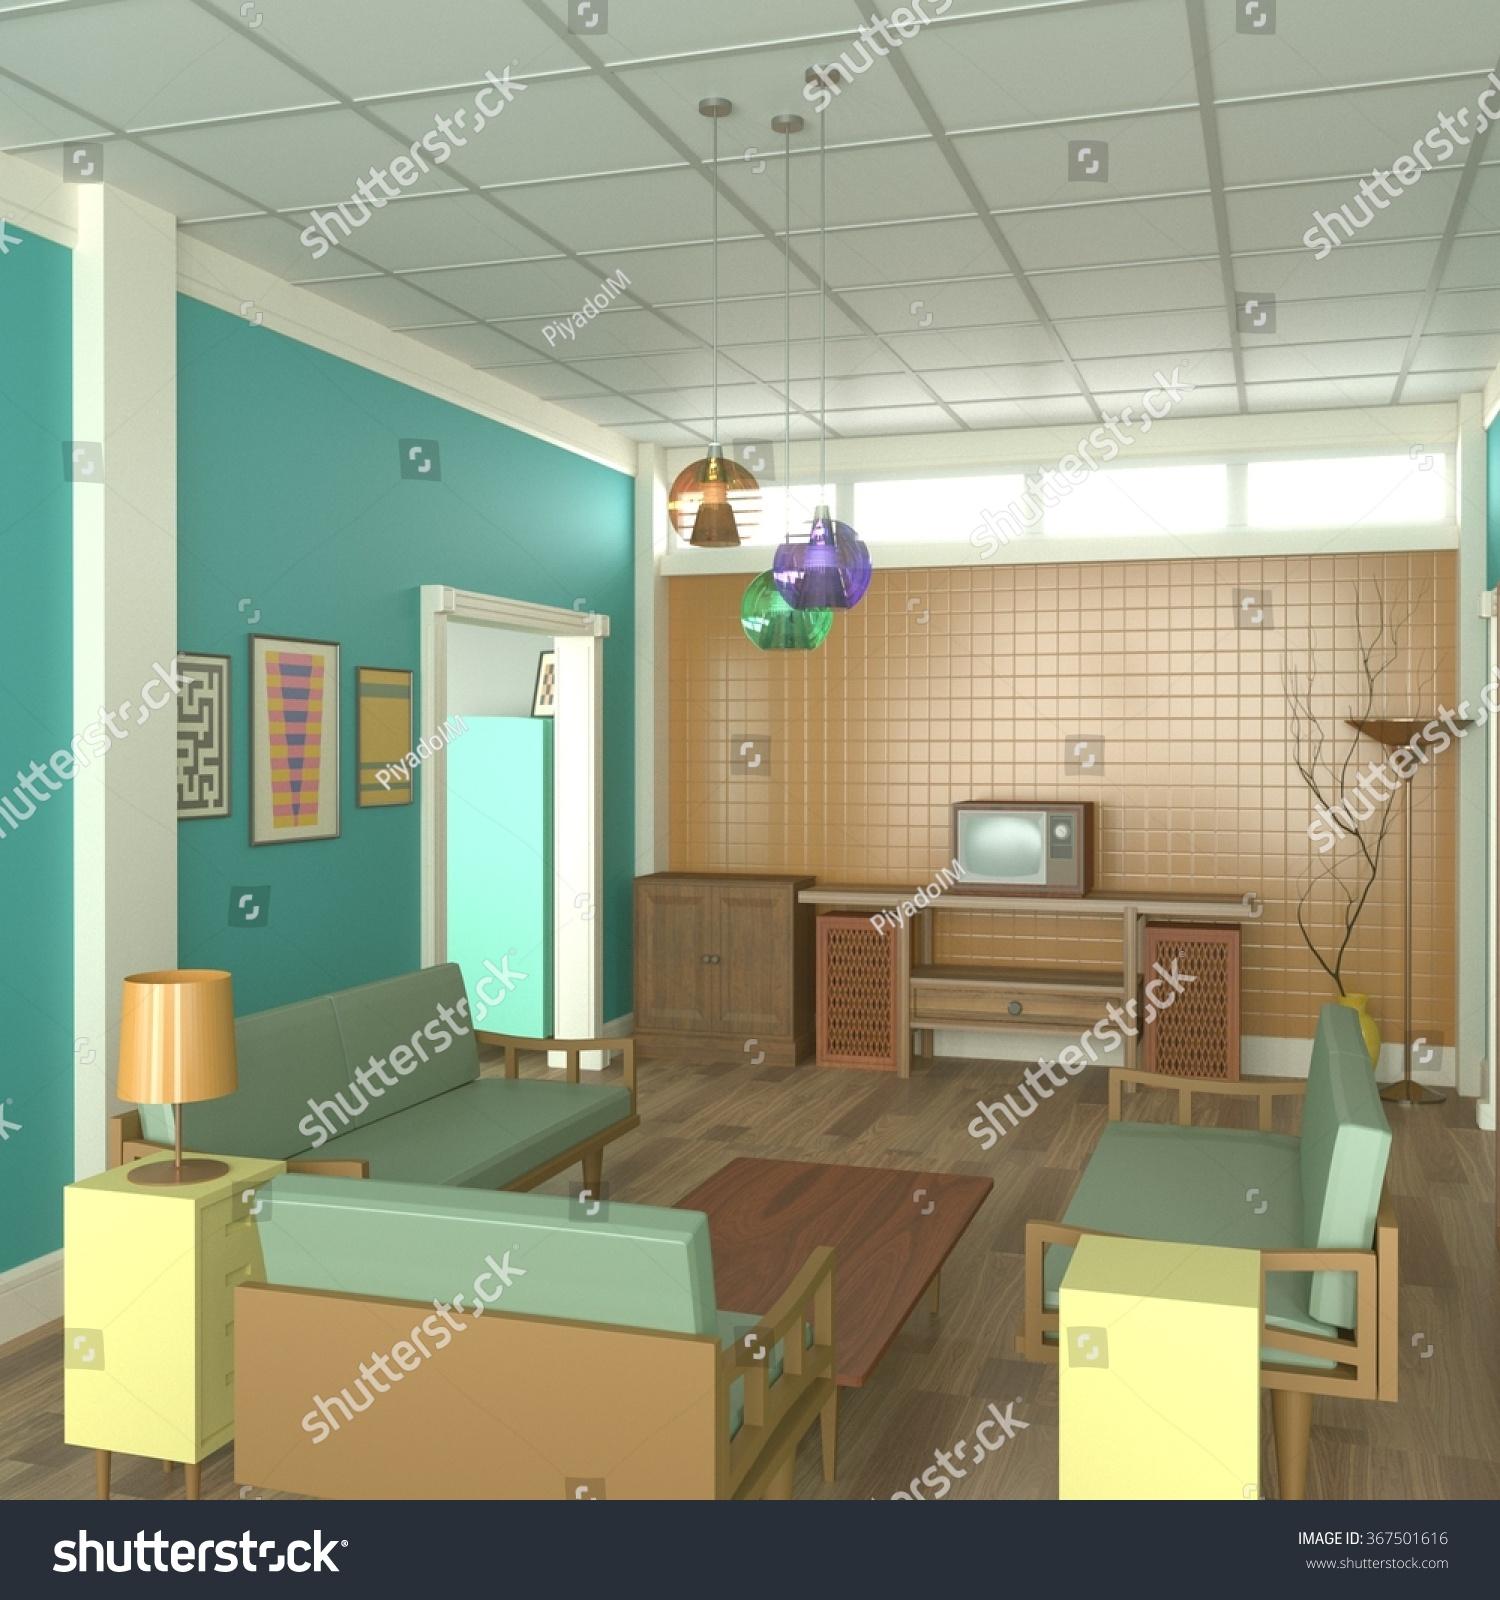 Retro Living Room Interior Design 3D Rendering Image